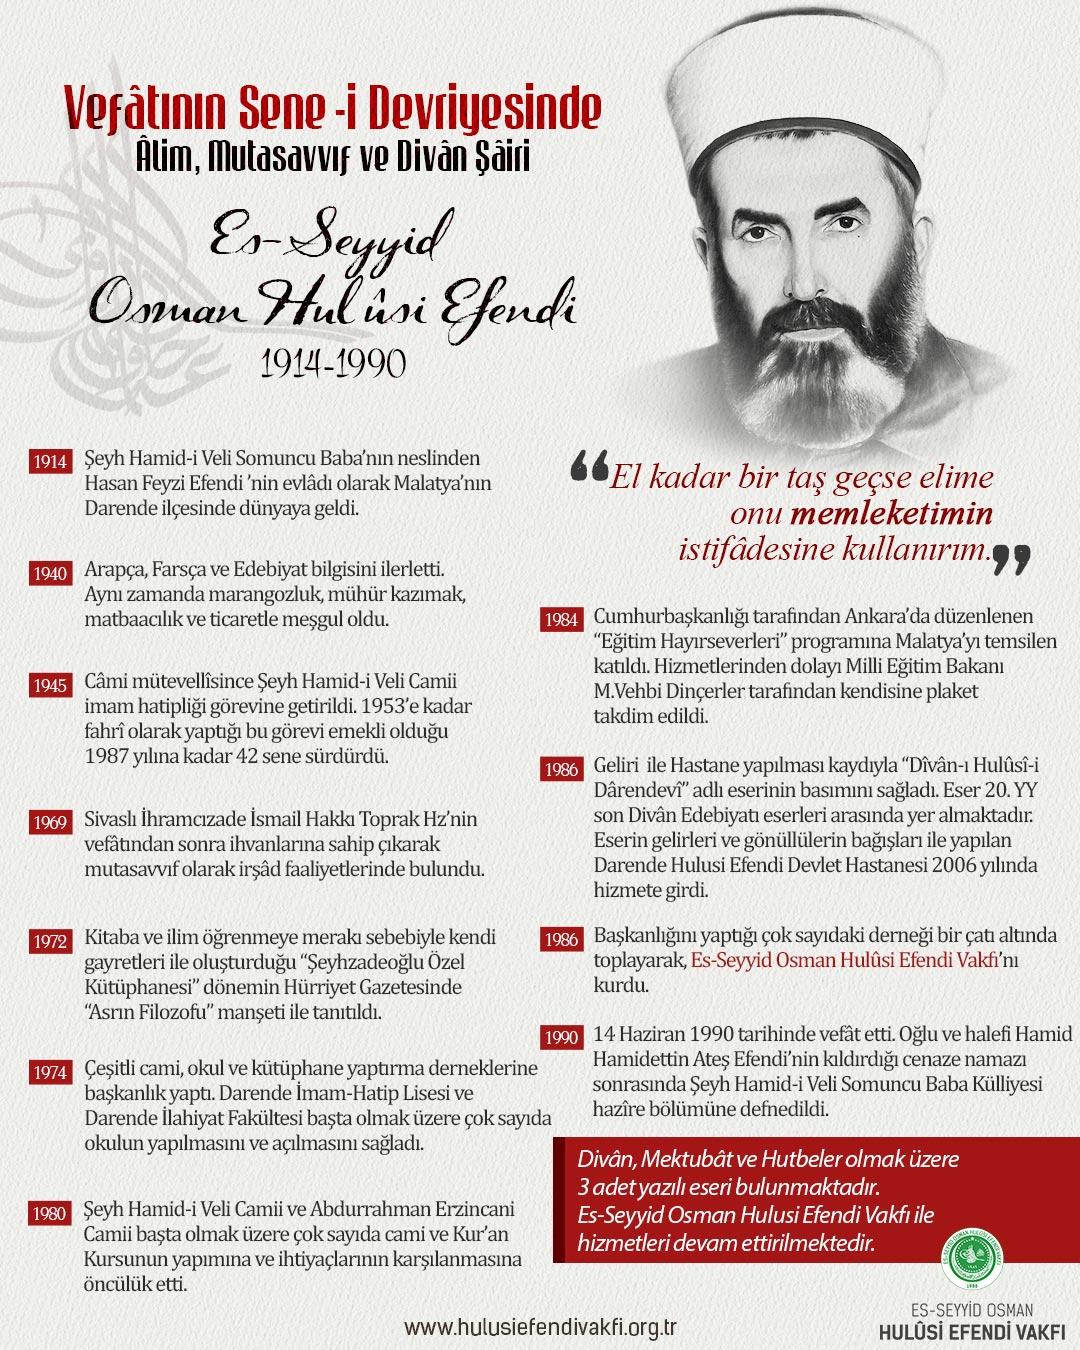 osman-hulusi-efendi-infografik-2021